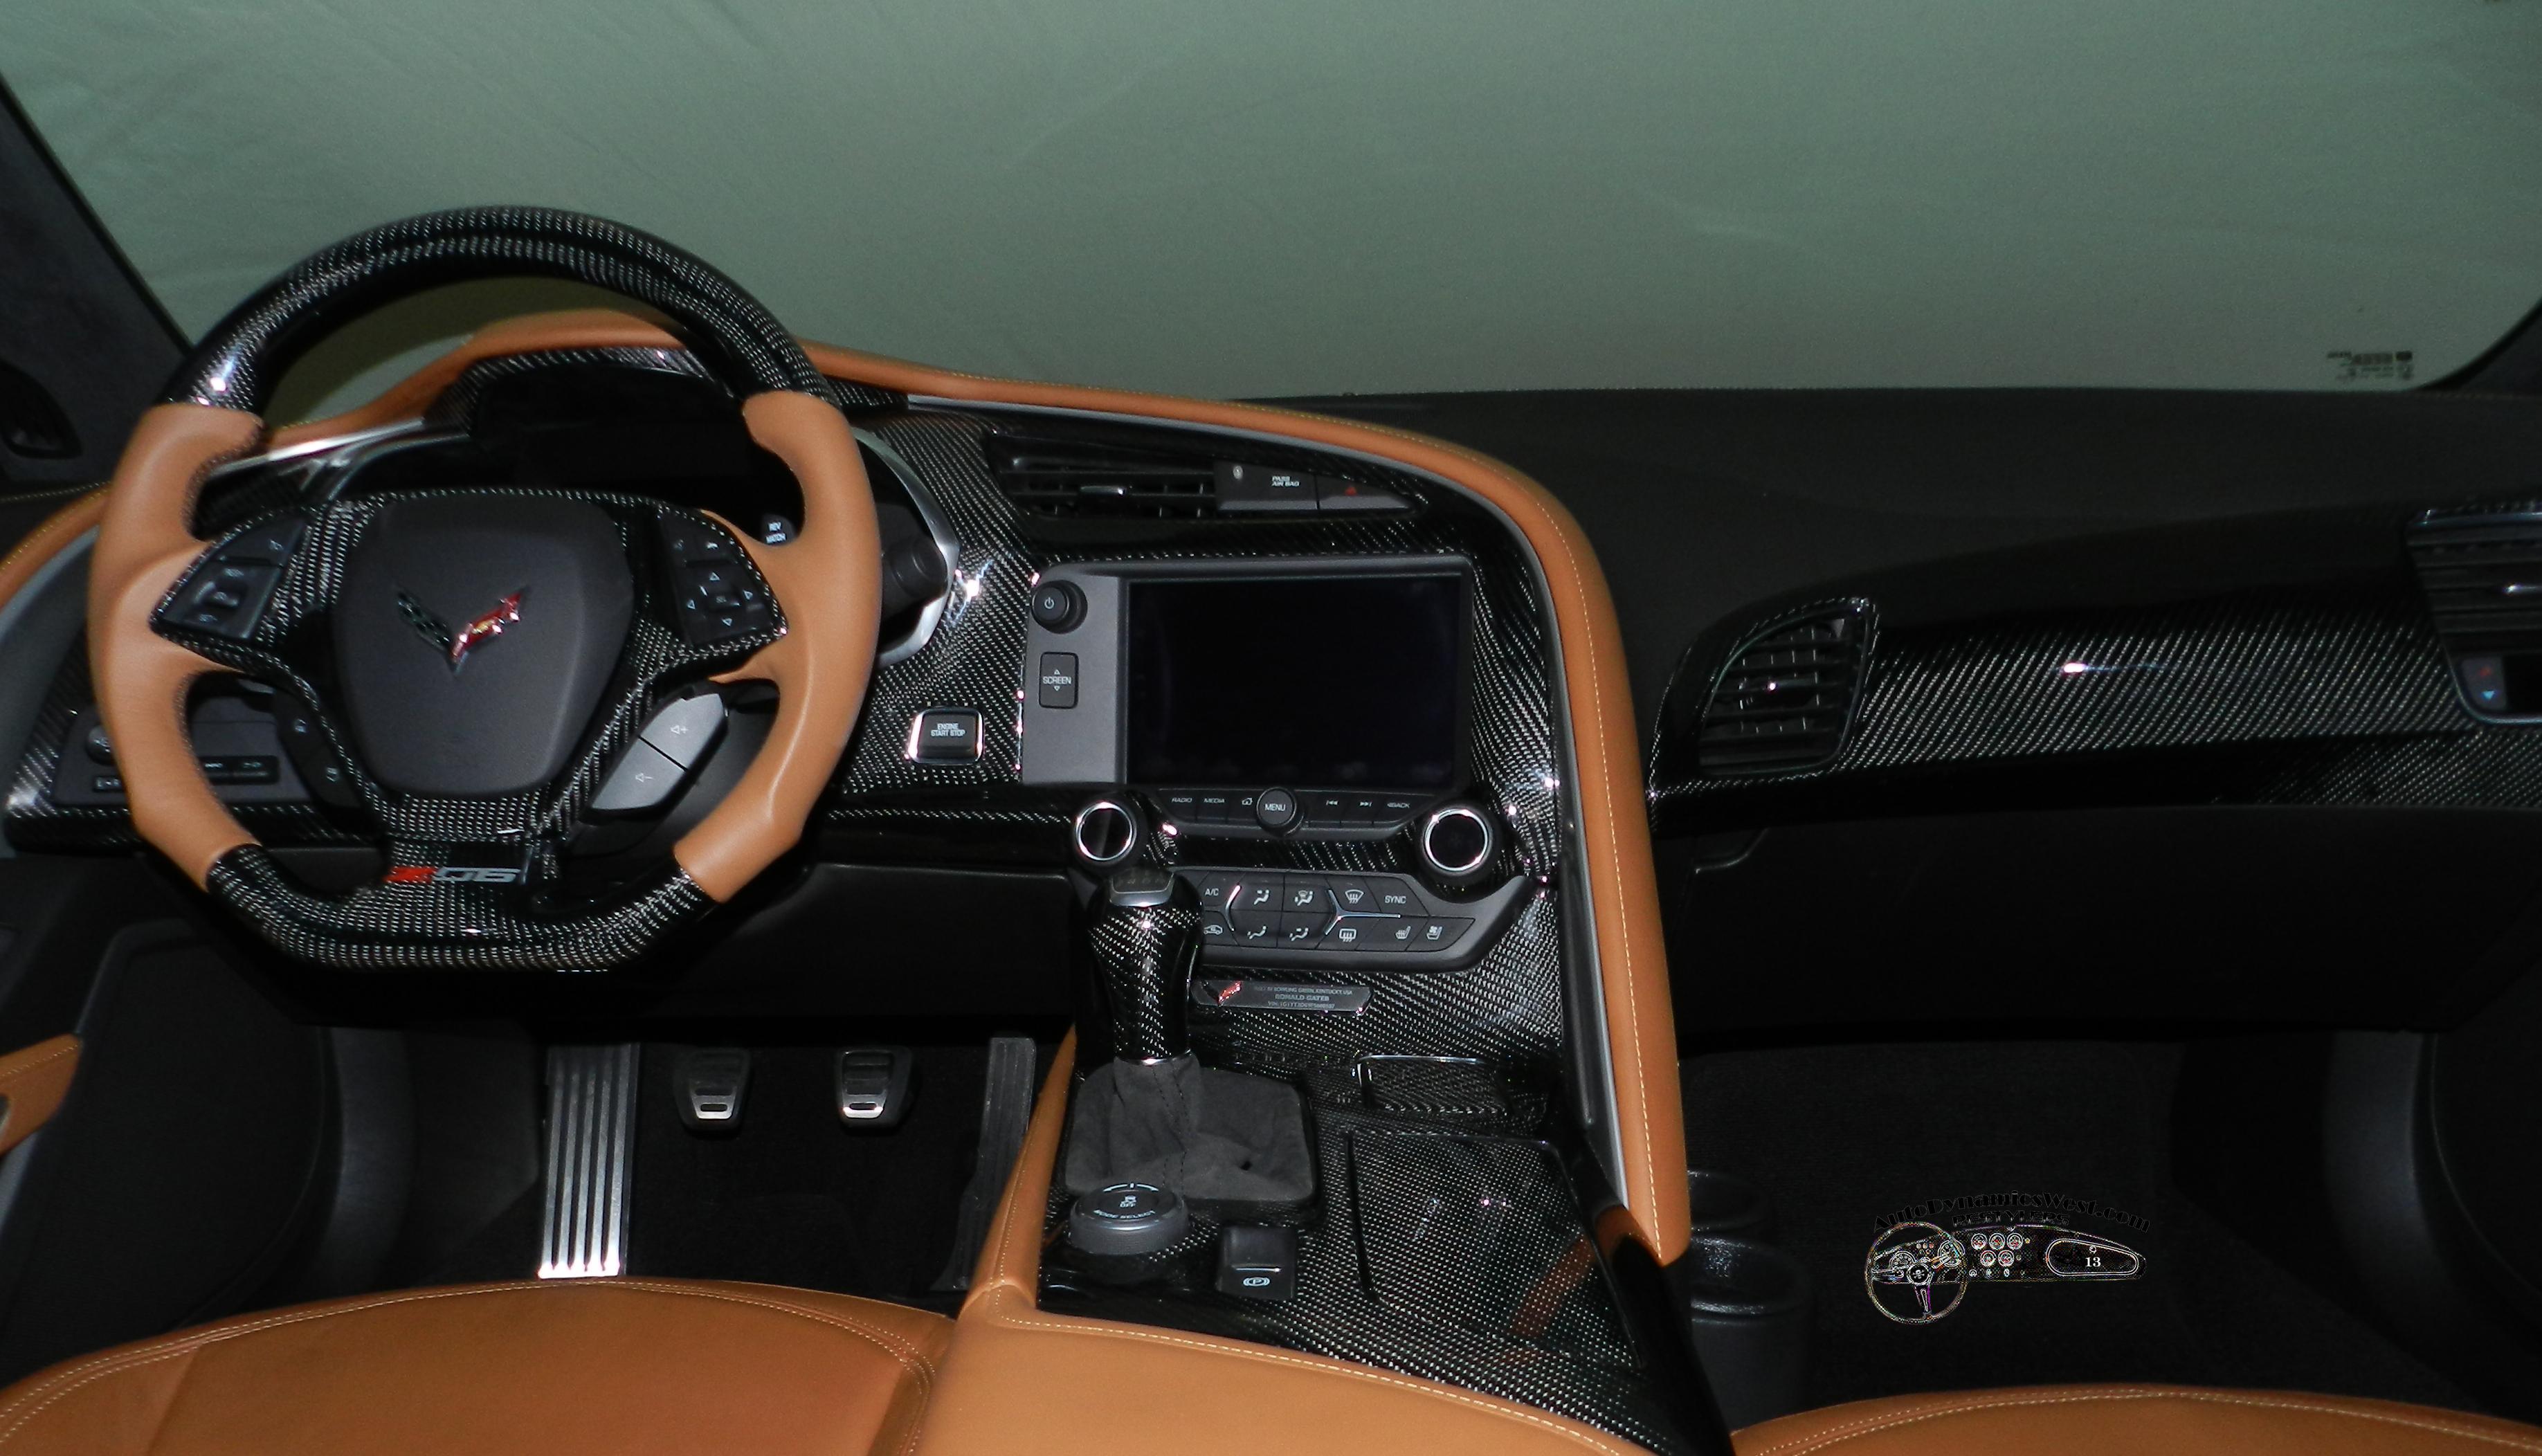 c7corvette carbon fiber interior steering wheel accessories dash